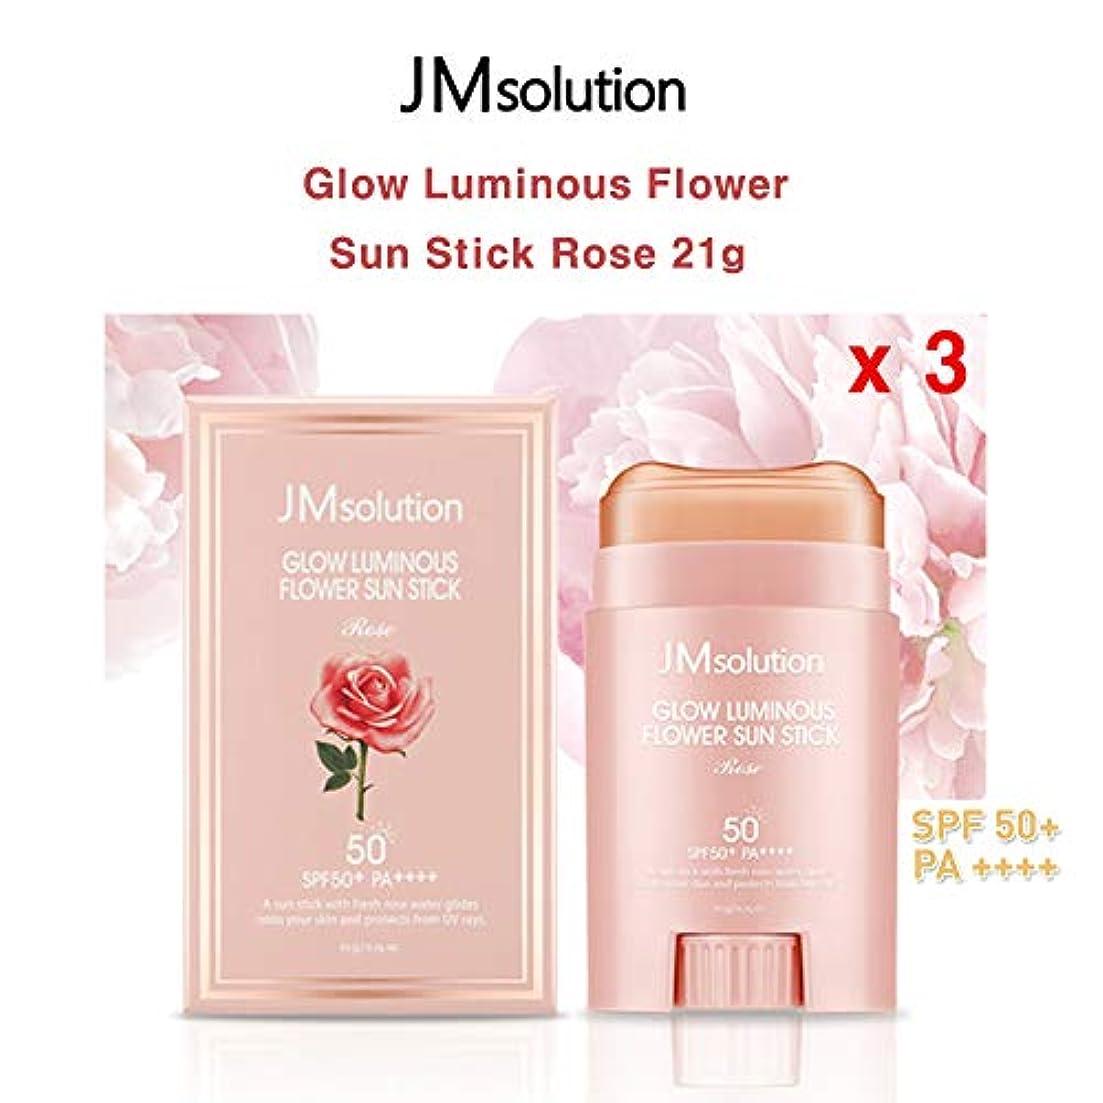 スポンジスティック安価なJM Solution ★1+1+1★ Glow Luminous Flower Sun Stick Rose 21g (spf50 PA) 光る輝く花Sun Stick Rose